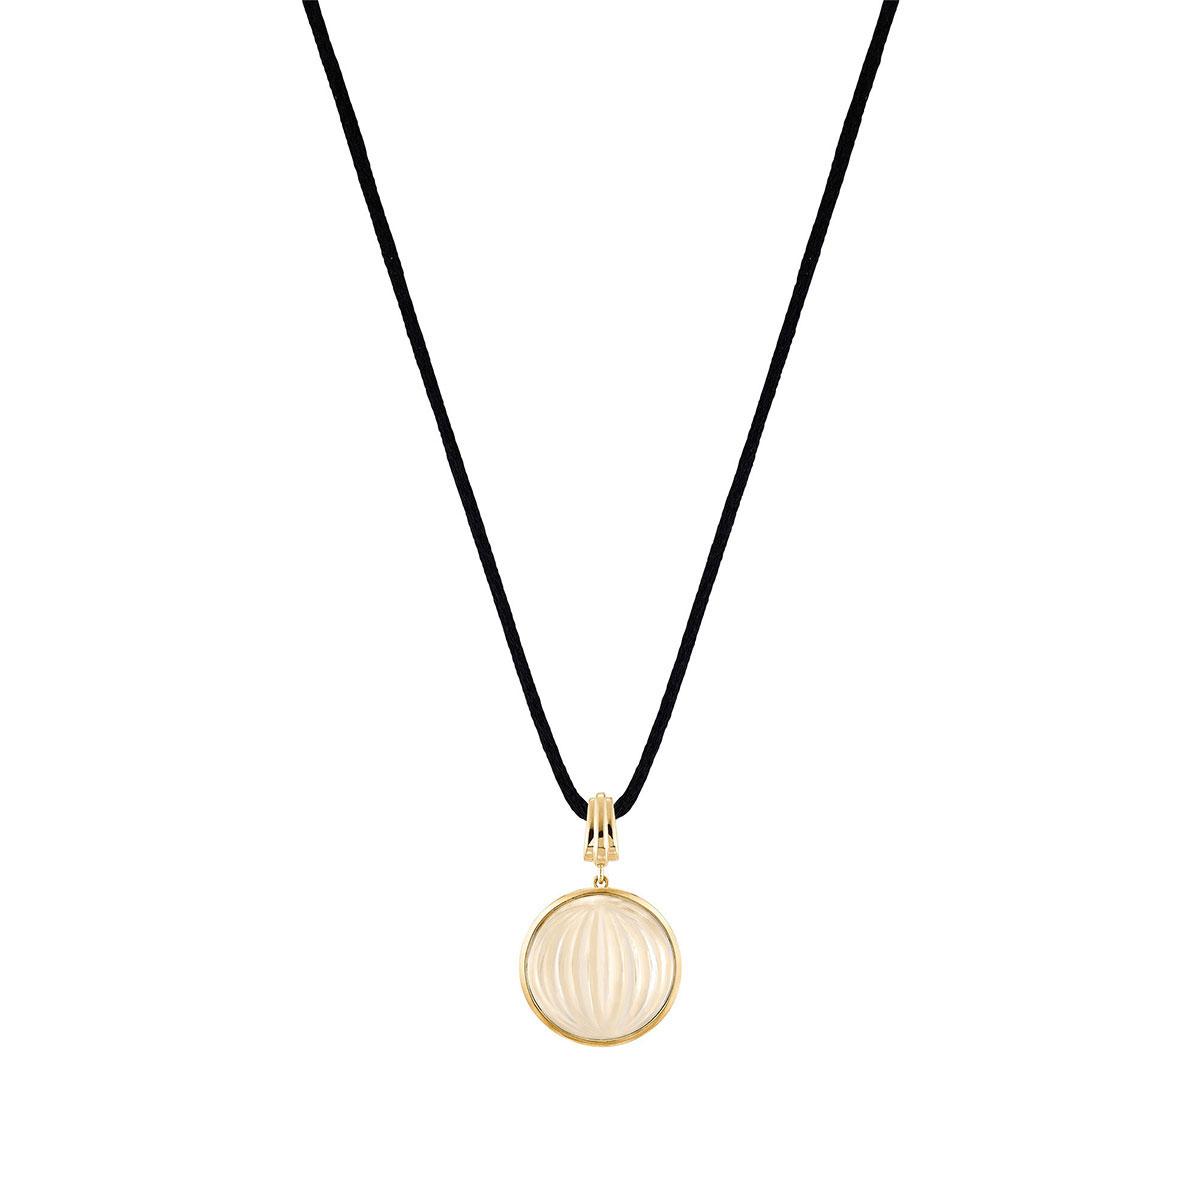 Lalique Crystal Vibrante Round Pendant Necklace, Gold Vermeil